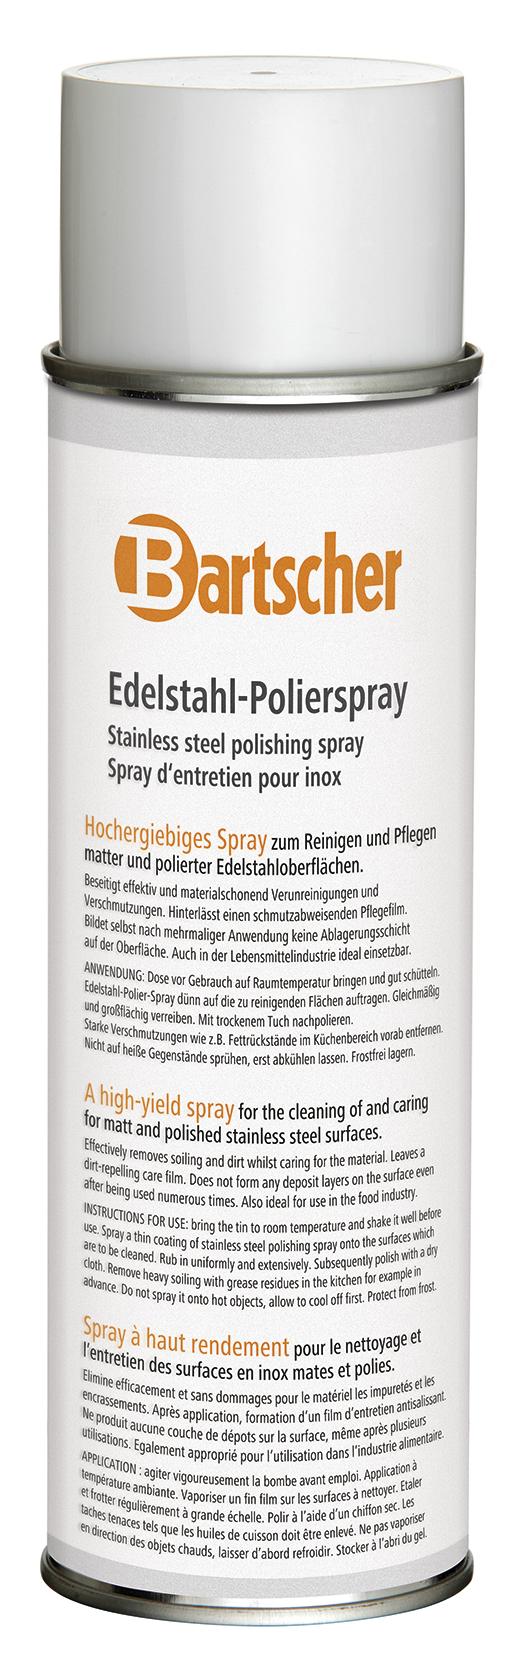 Bartscher Edelstaalpoleerspray 500ml DS - 12 st